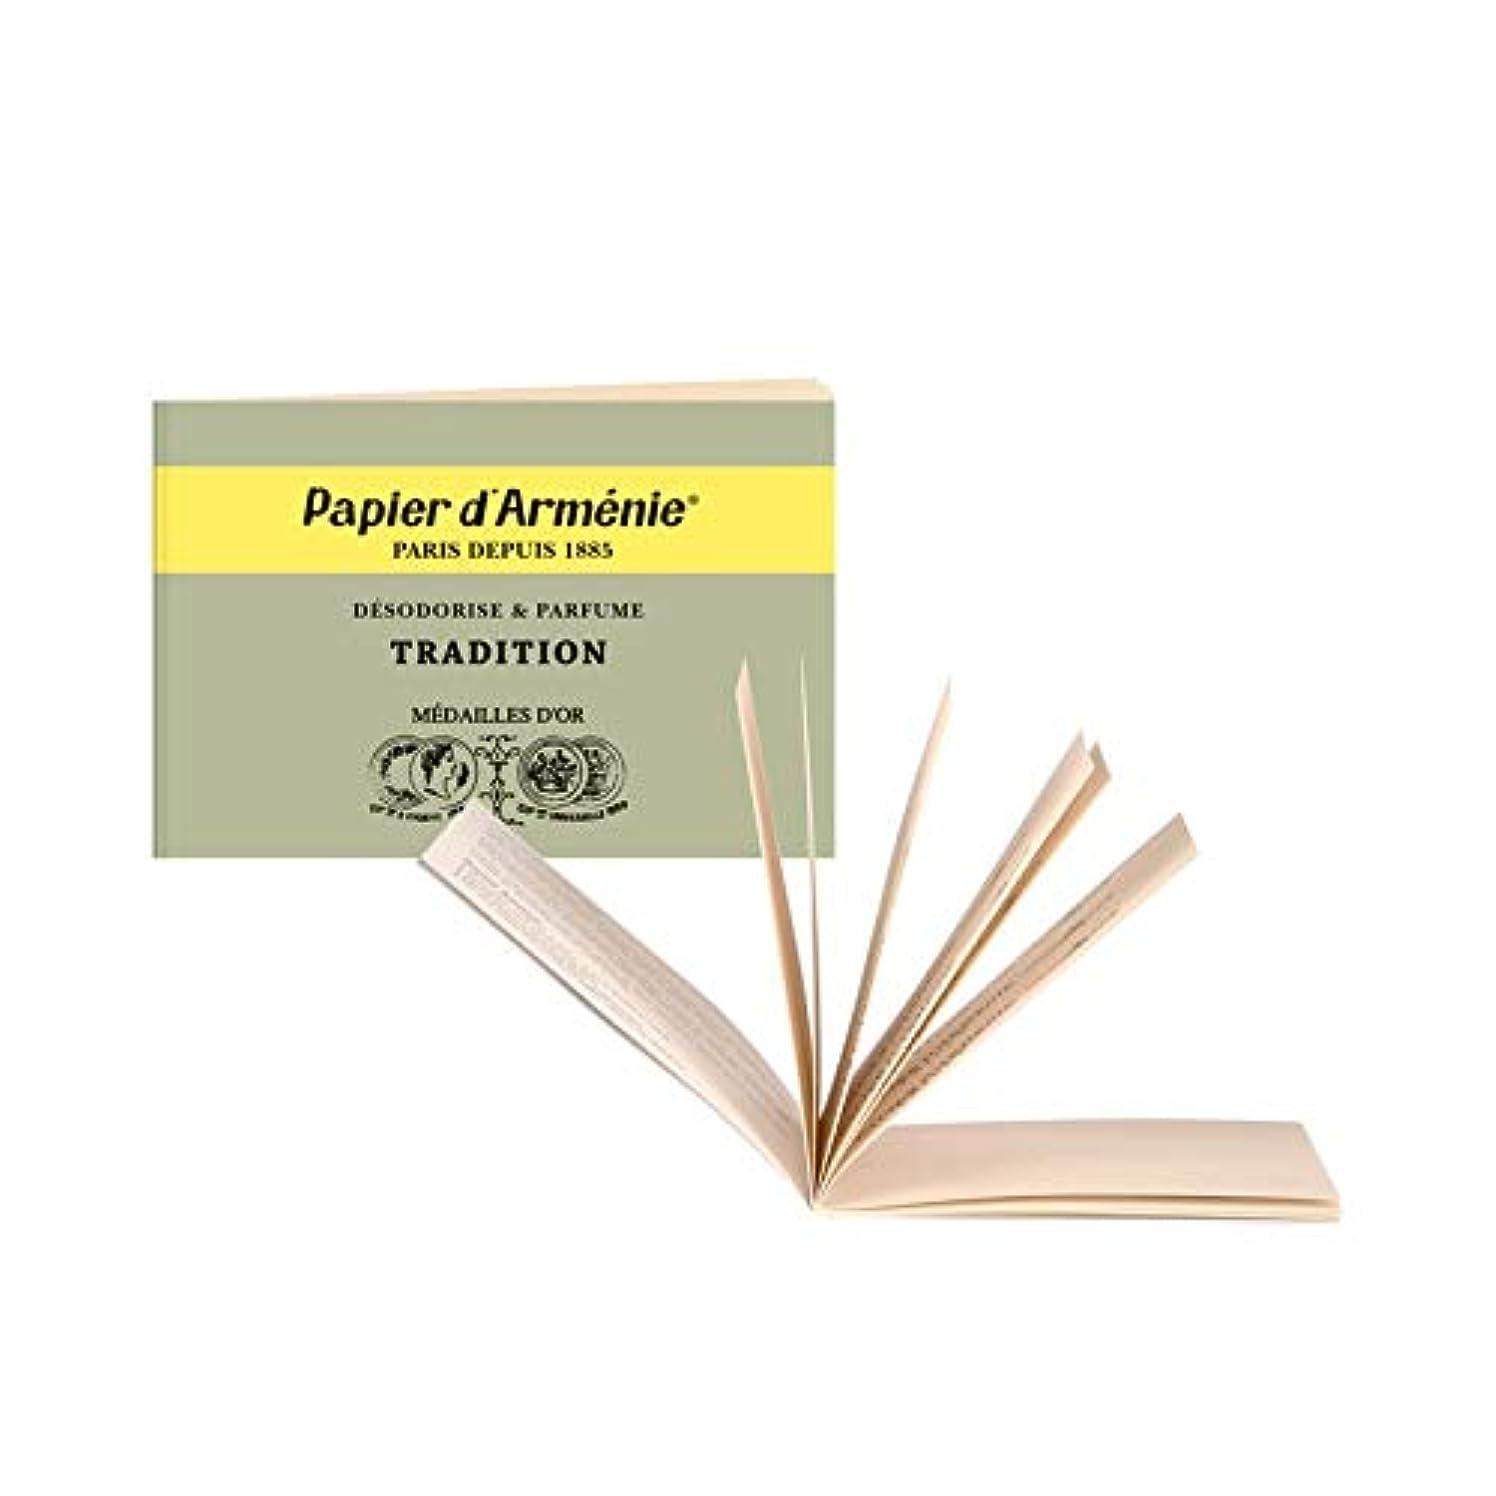 鏡ごめんなさい愛国的なPapier d'Arménie パピエダルメニイ トリプル 紙のお香 フランス直送 [並行輸入品]